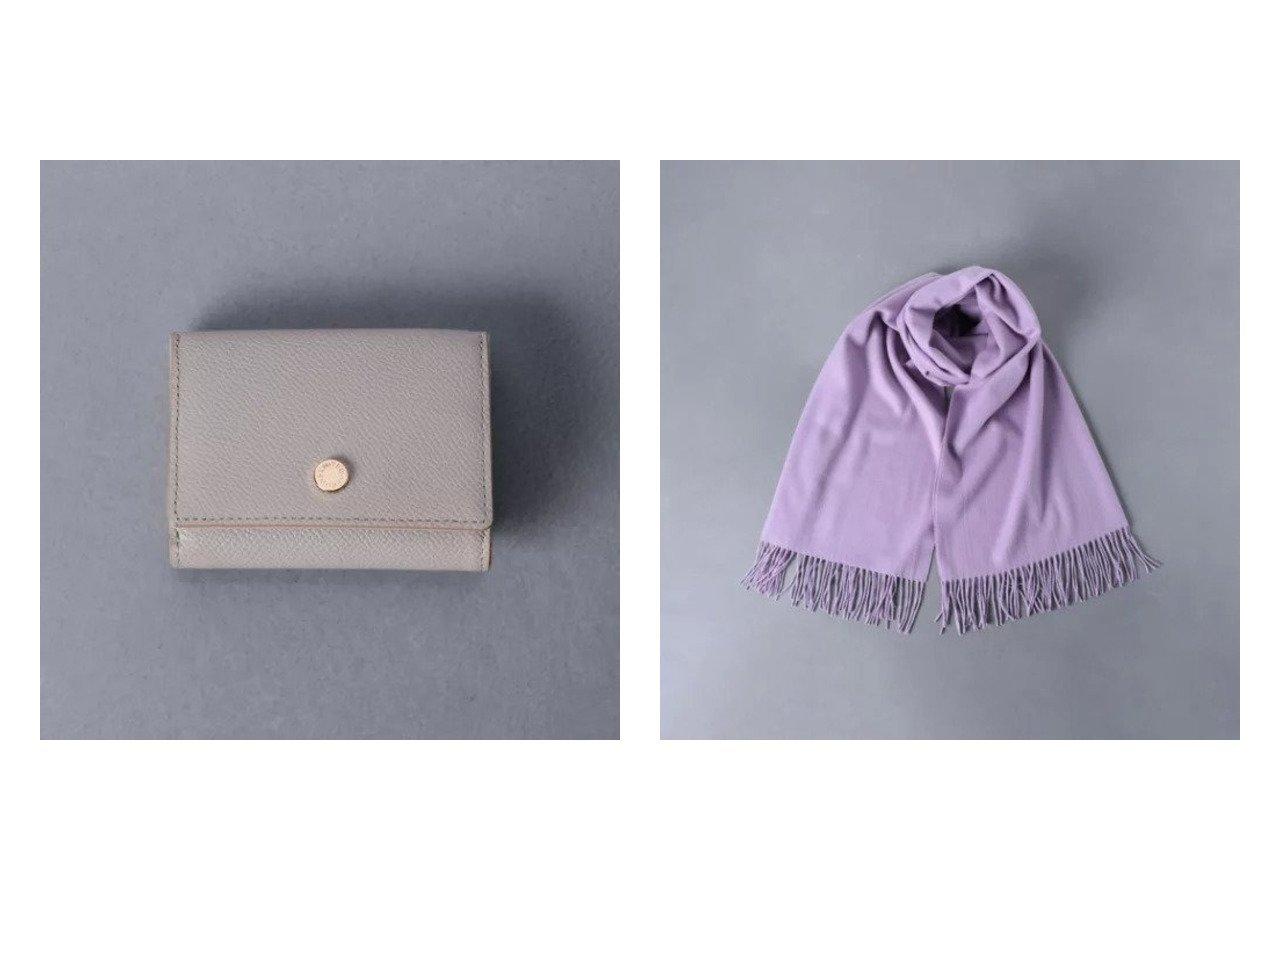 【UNITED ARROWS/ユナイテッドアローズ】のUBC バイカラー ミニ ウォレット&UBSC カシミヤ ストール おすすめ!人気トレンド・レディースファッションの通販  おすすめで人気のファッション通販商品 インテリア・家具・キッズファッション・メンズファッション・レディースファッション・服の通販 founy(ファニー) https://founy.com/ ファッション Fashion レディース WOMEN 財布 Wallets ストール Scarves マフラー Mufflers ウォレット コンパクト 財布 カシミヤ シンプル スカーフ ストール マフラー 無地 |ID:crp329100000006669